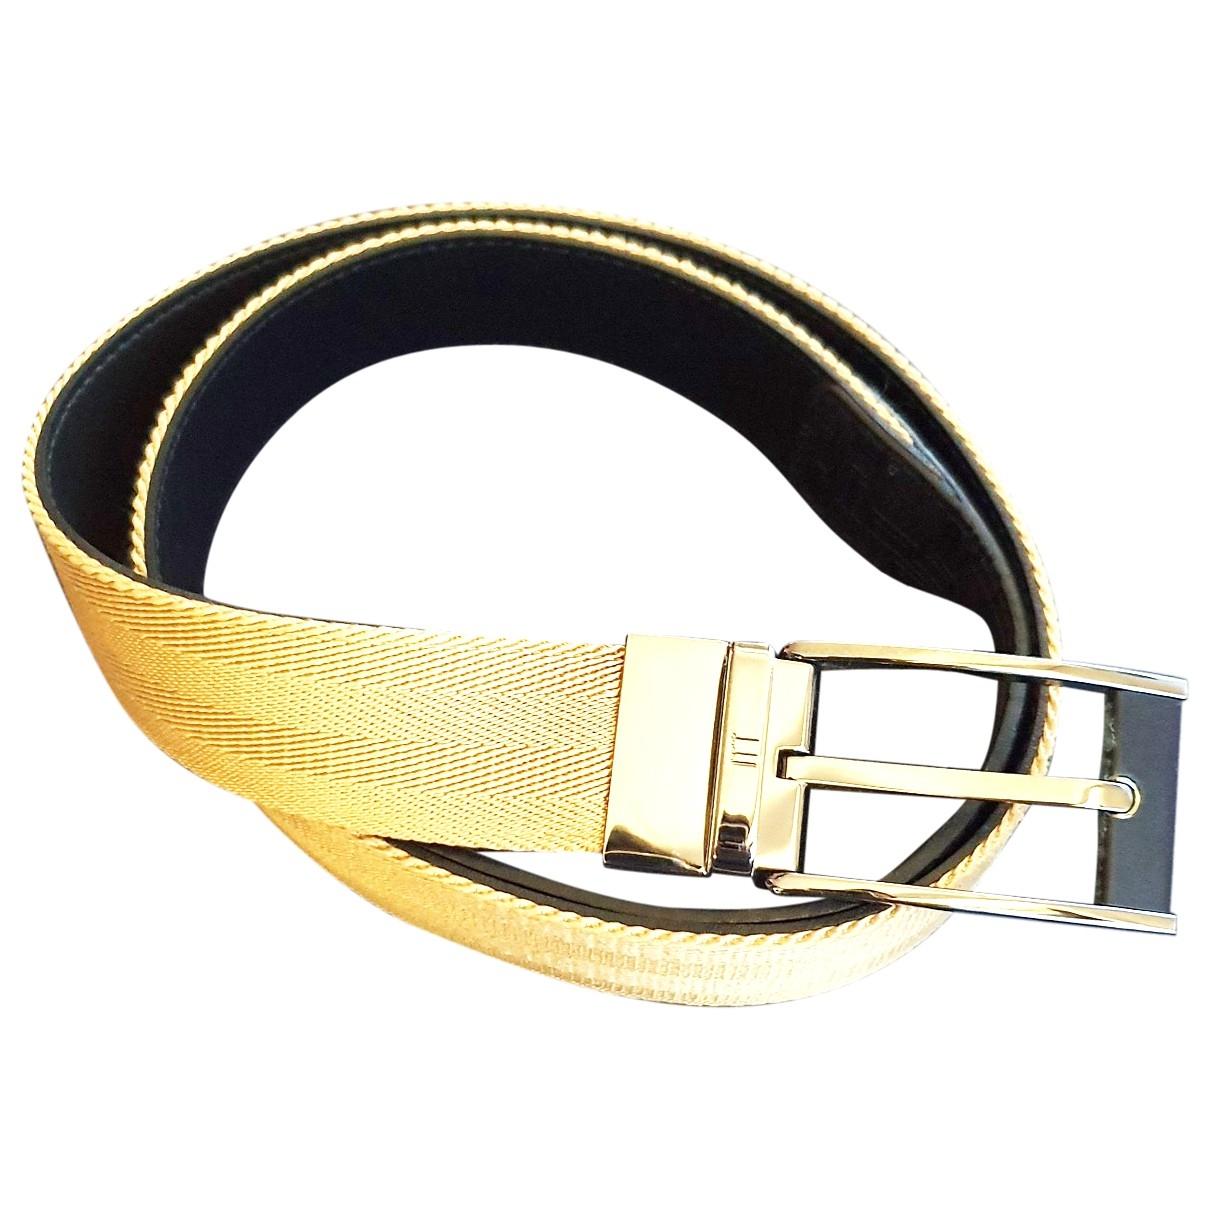 Cinturon de Lona Alfred Dunhill